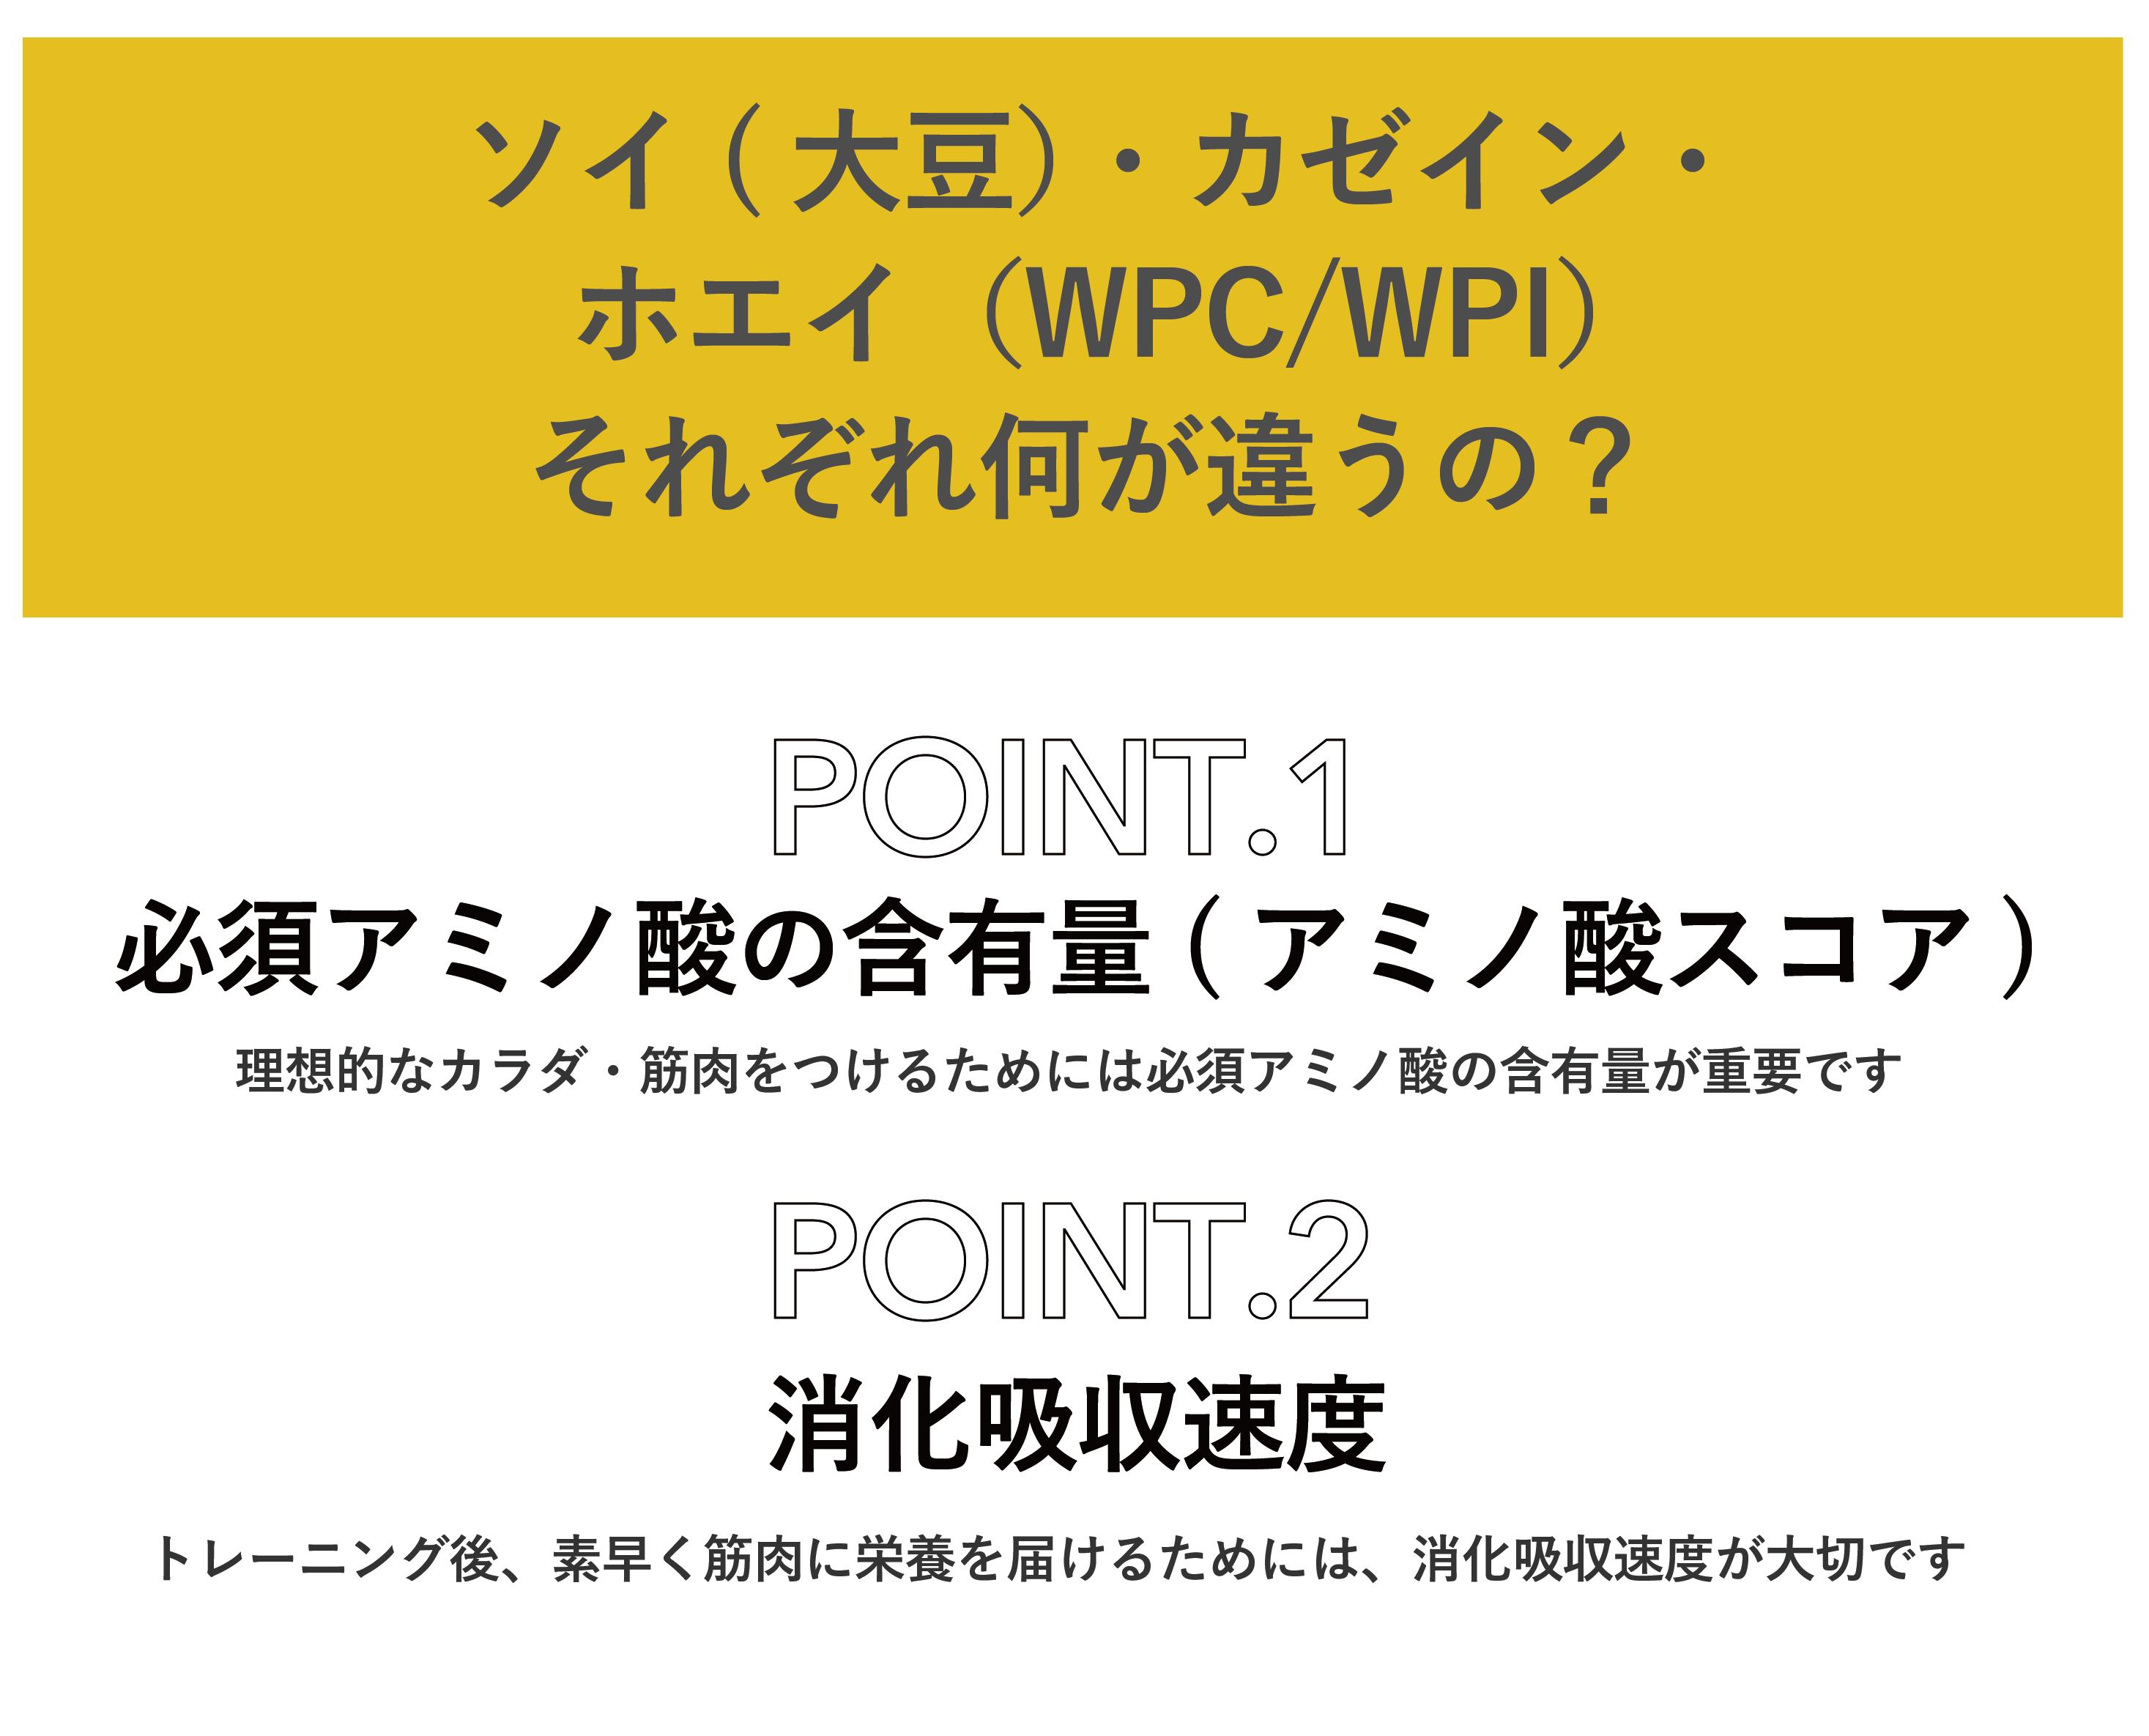 プロテインの種類、ソイ(大豆)・カゼイン・ホエイ(WPC/WPI)それぞれ何が違うの?必須アミノ酸の含有量と消化吸収速度が違います。